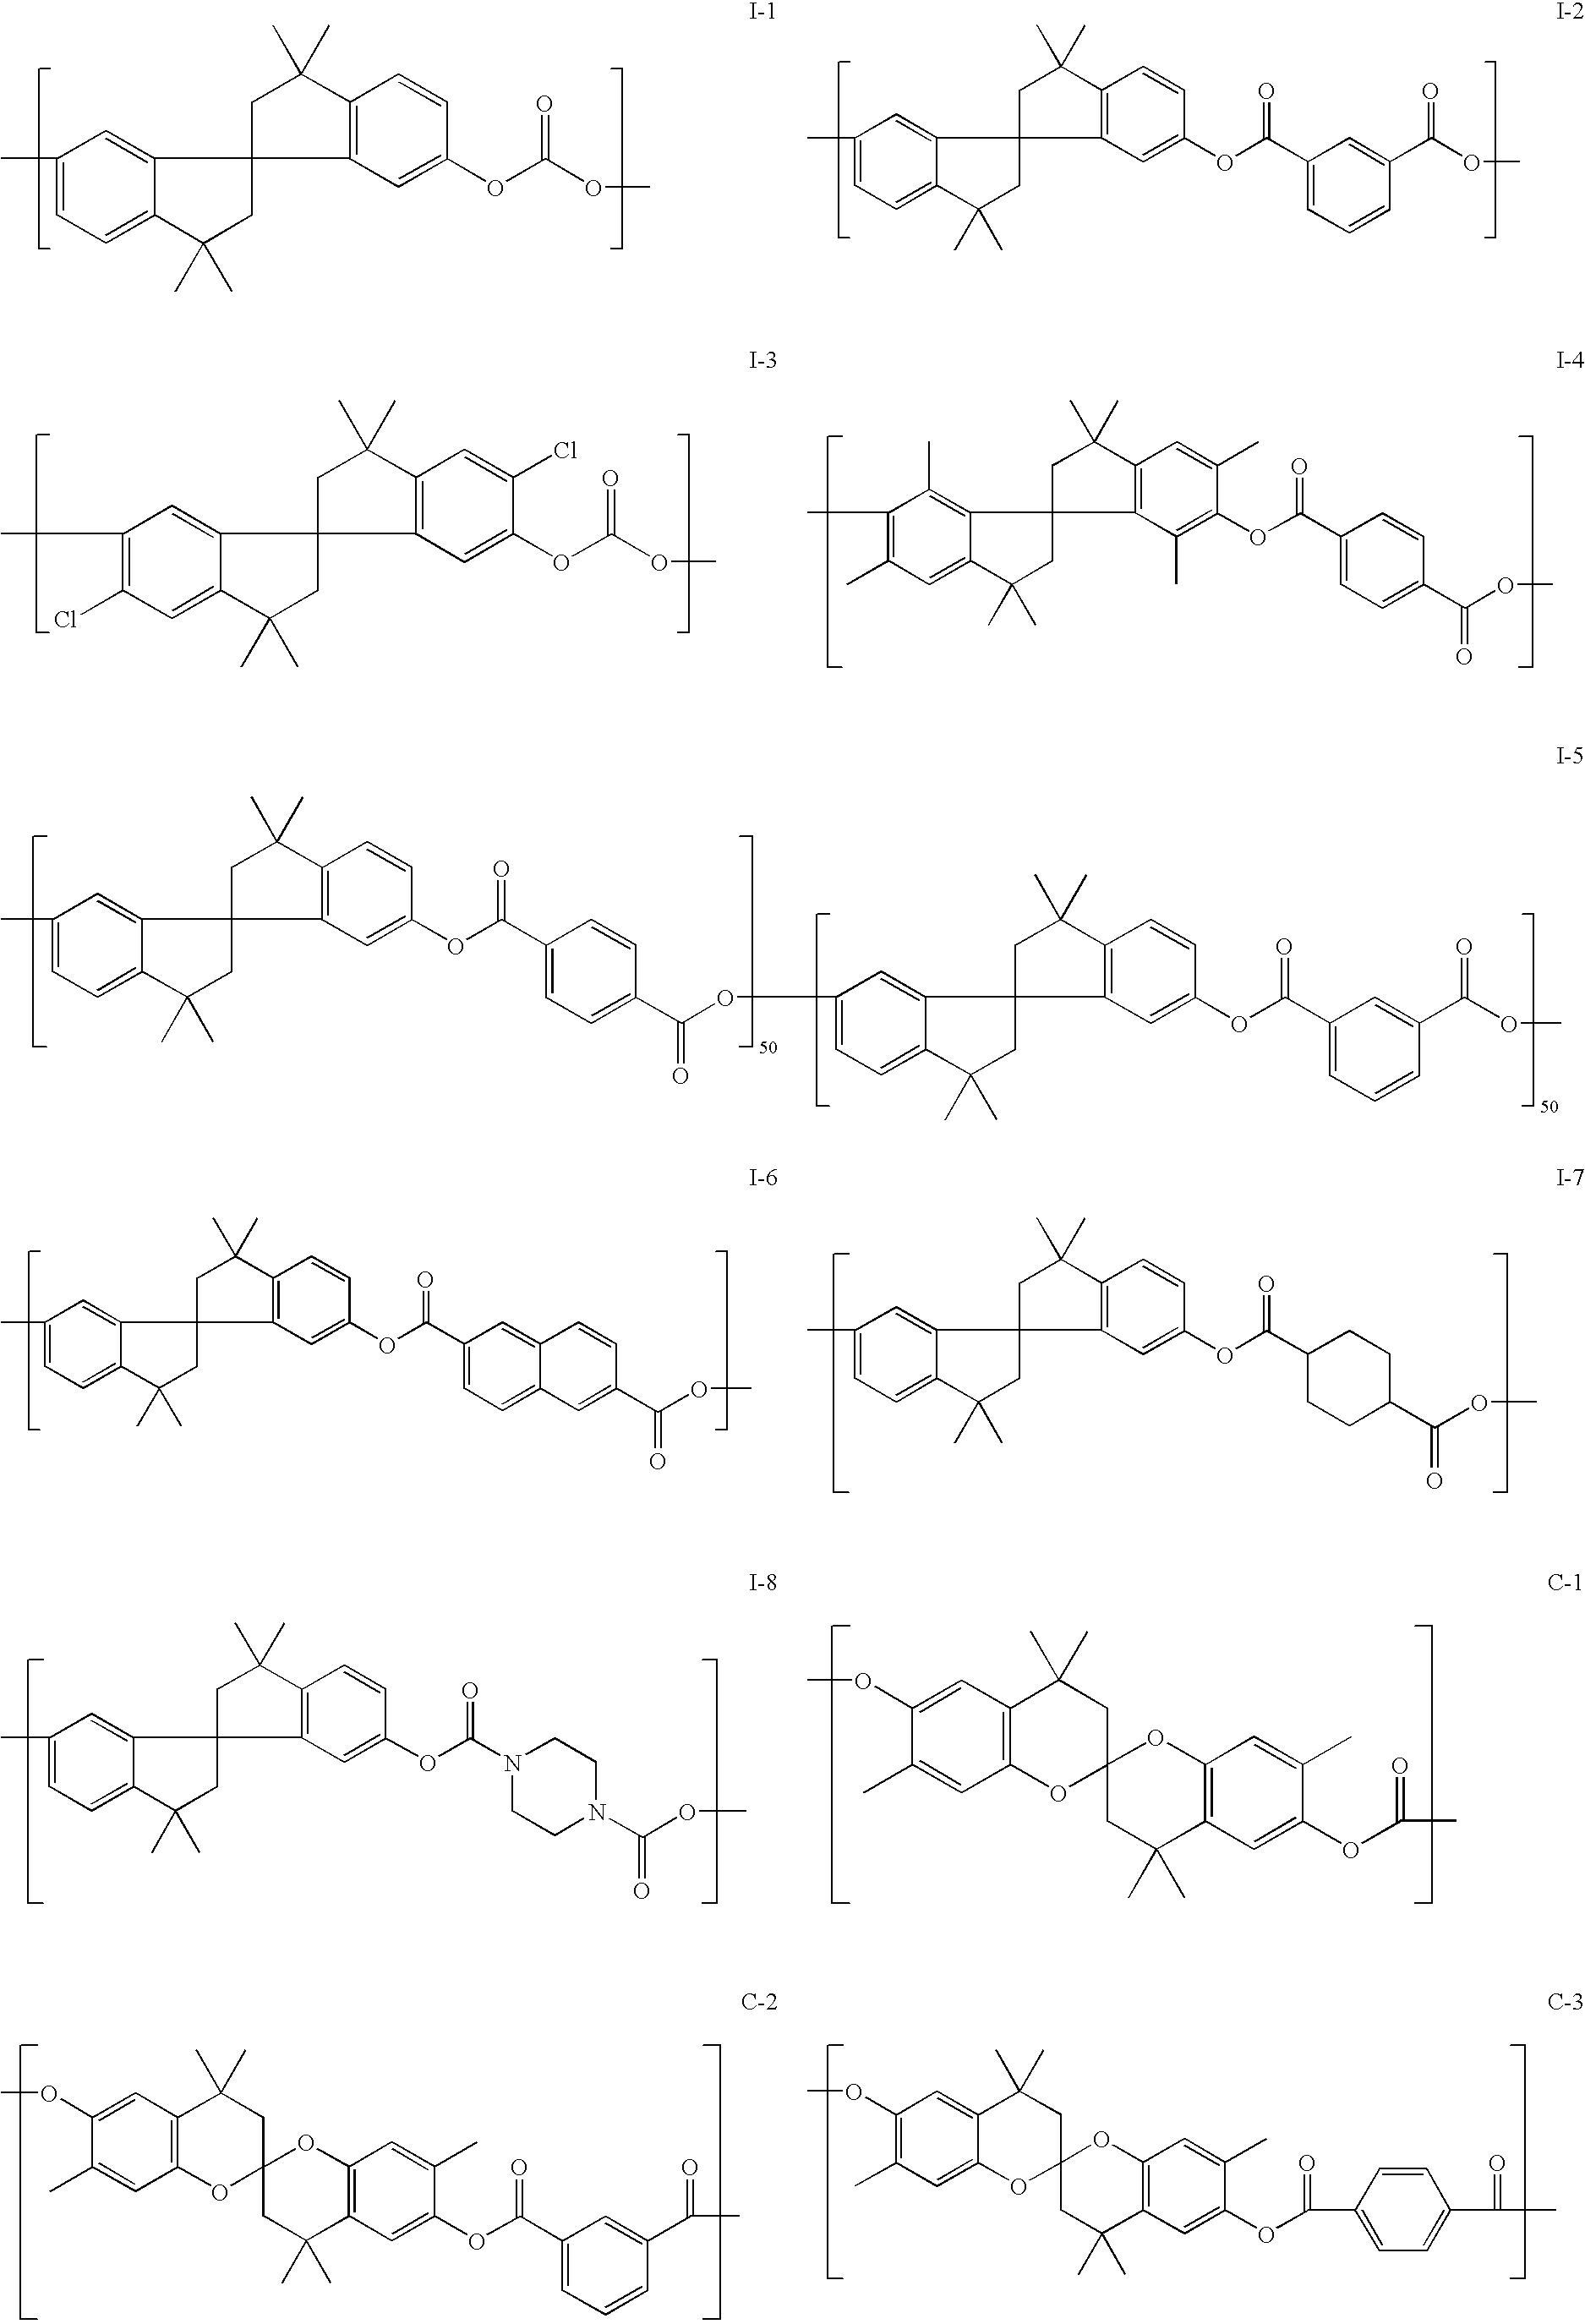 Figure US20050238846A1-20051027-C00009